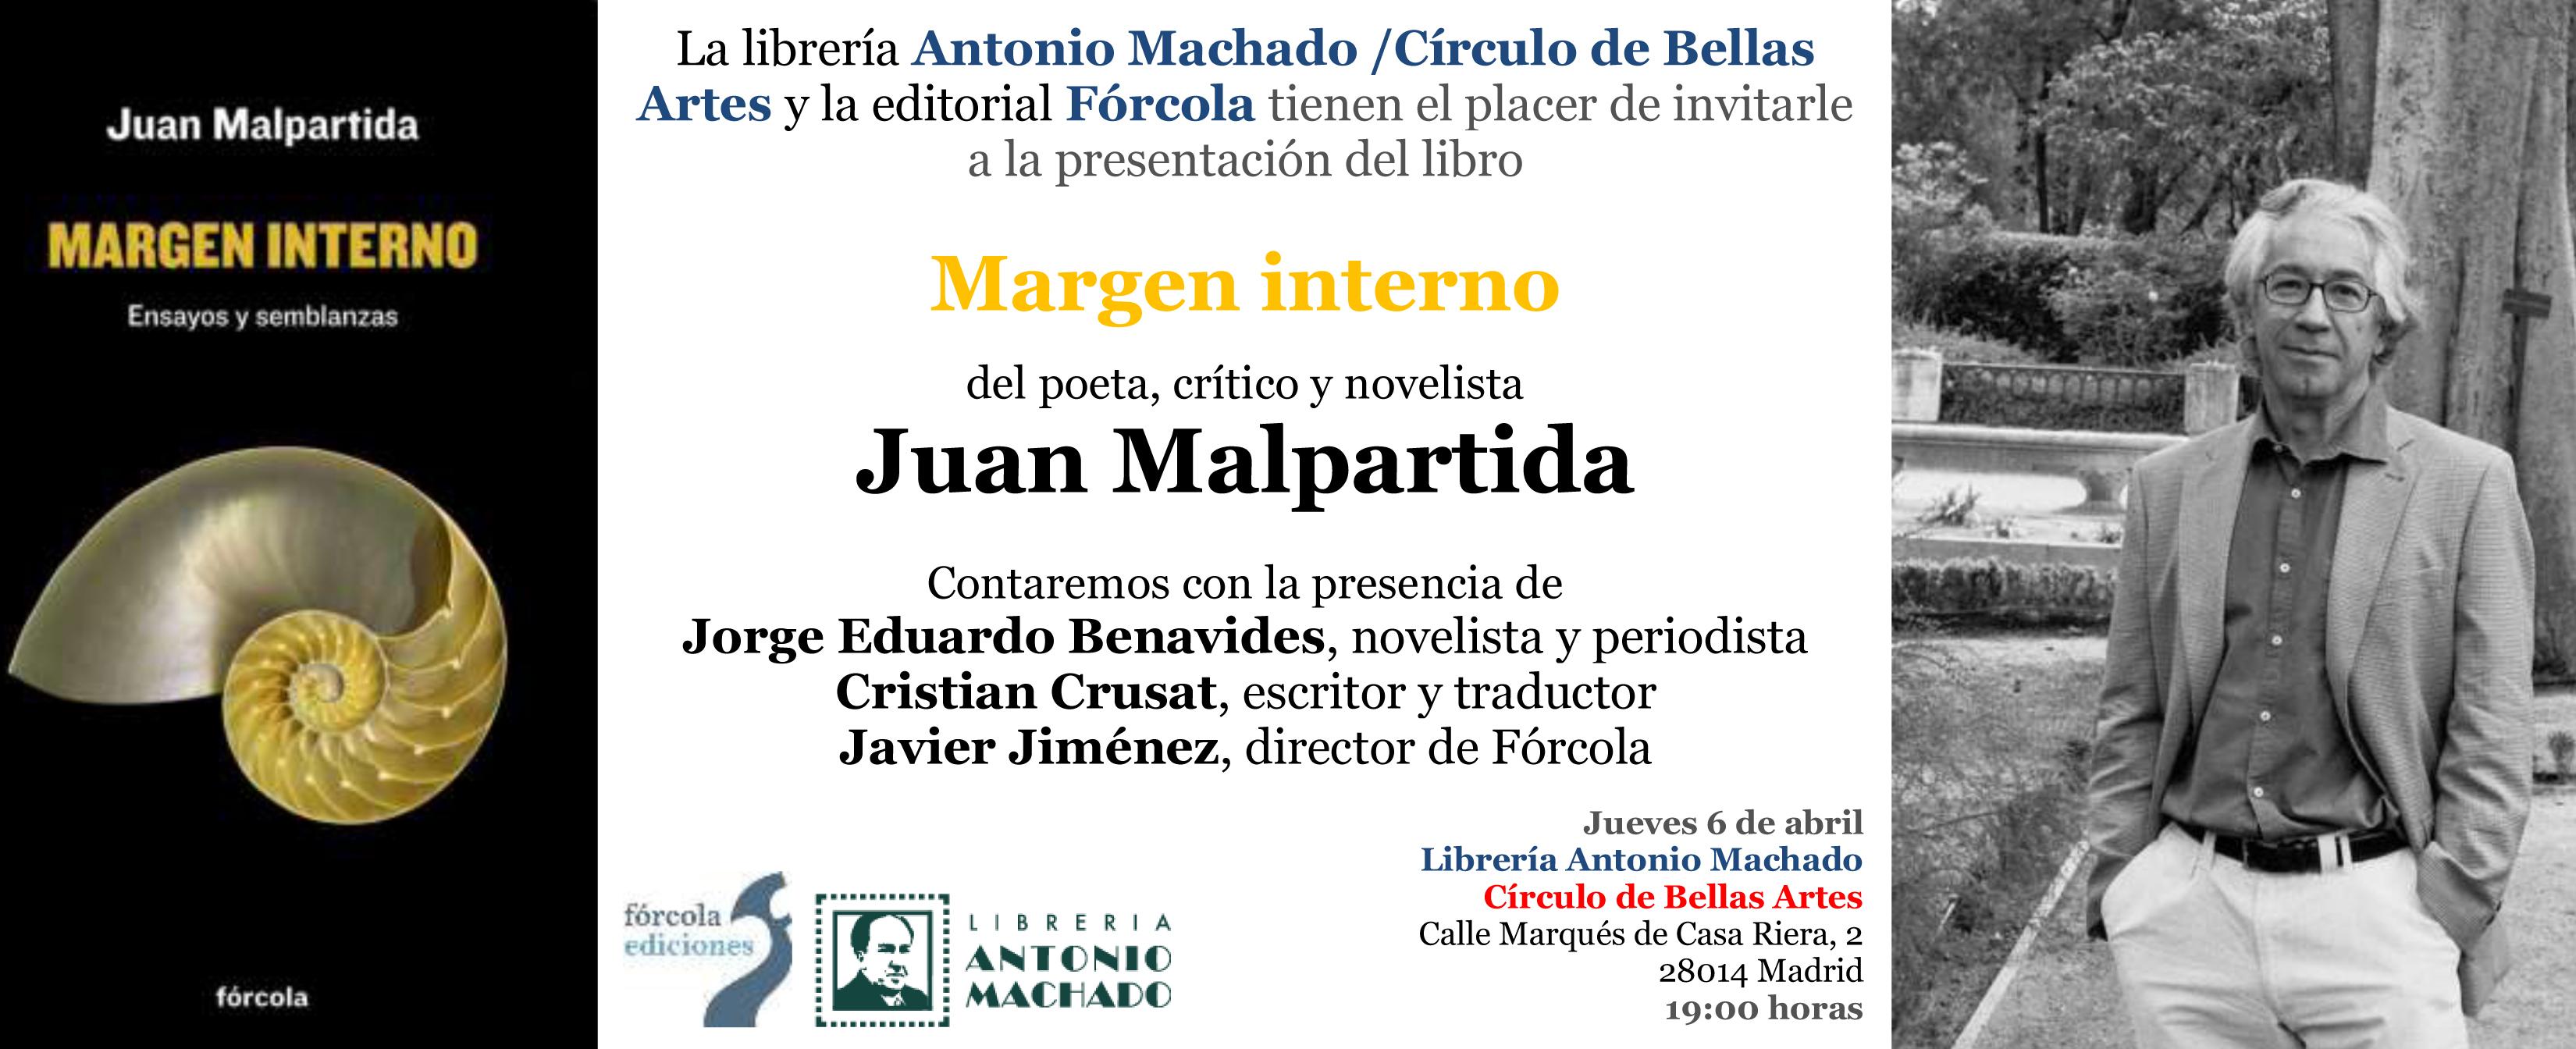 Invitacion_Malpartida_Forcola